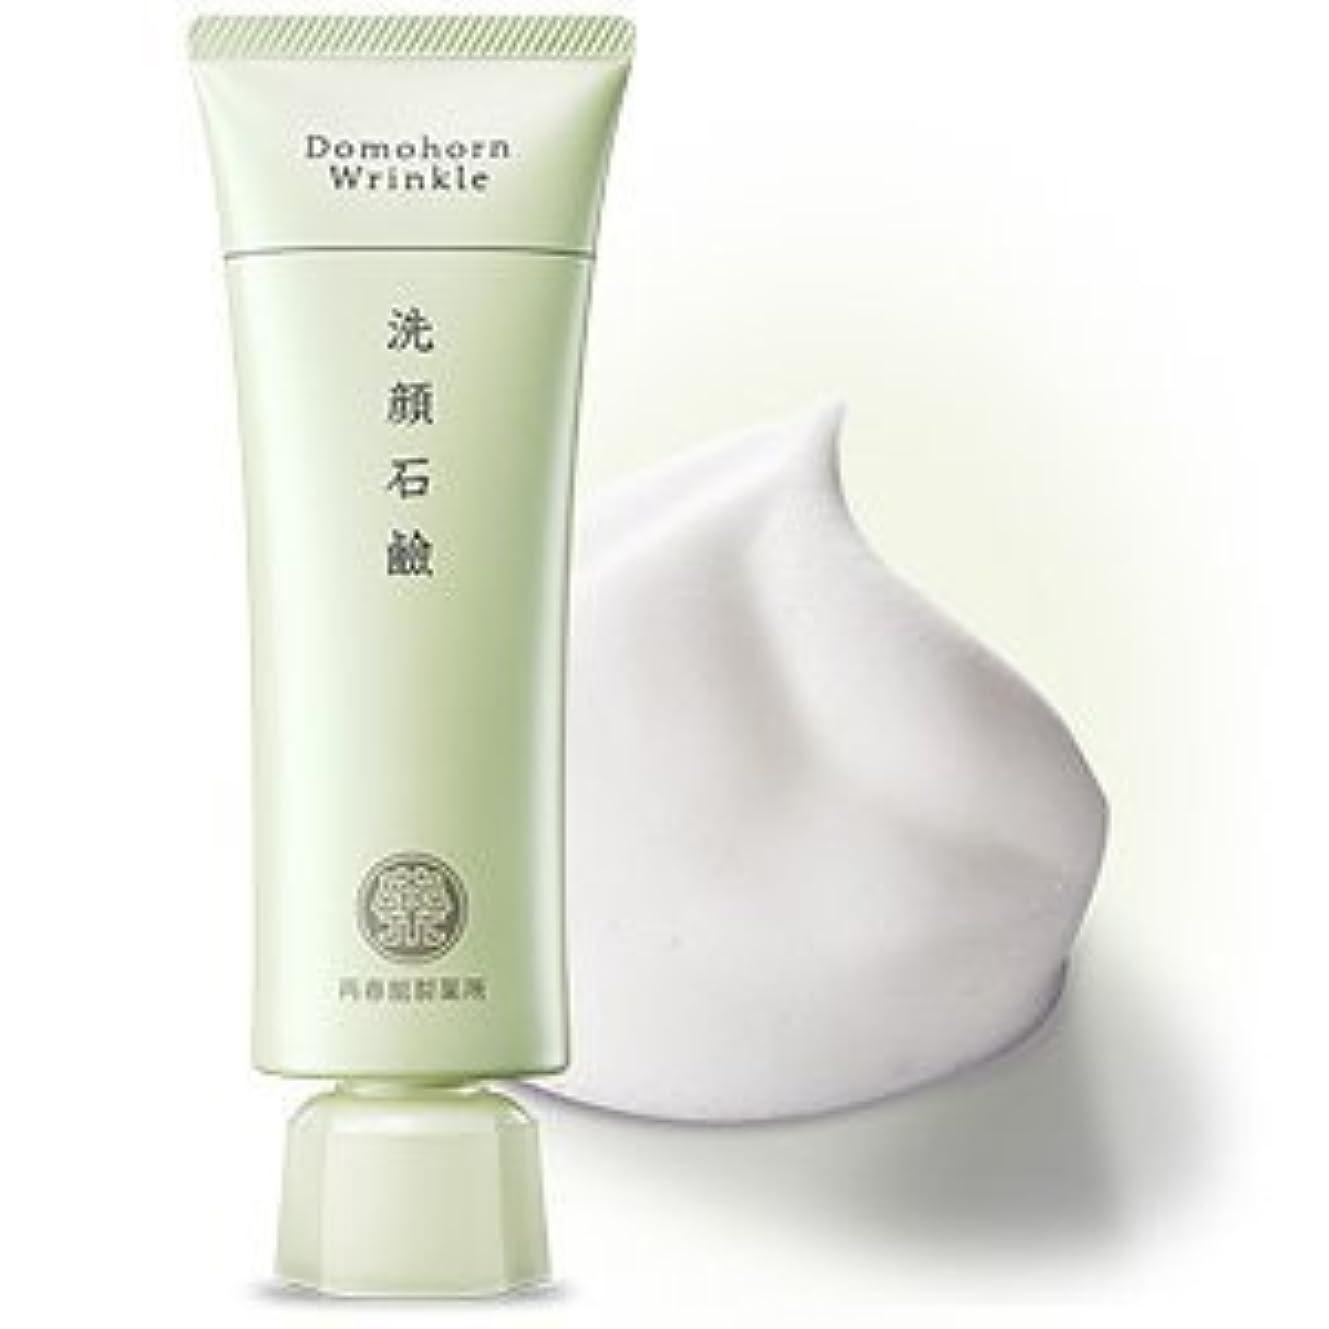 くすぐったいアカデミック反対に【濃密泡で毛穴対策にも】ドモホルンリンクル 洗顔石鹸 約60日分